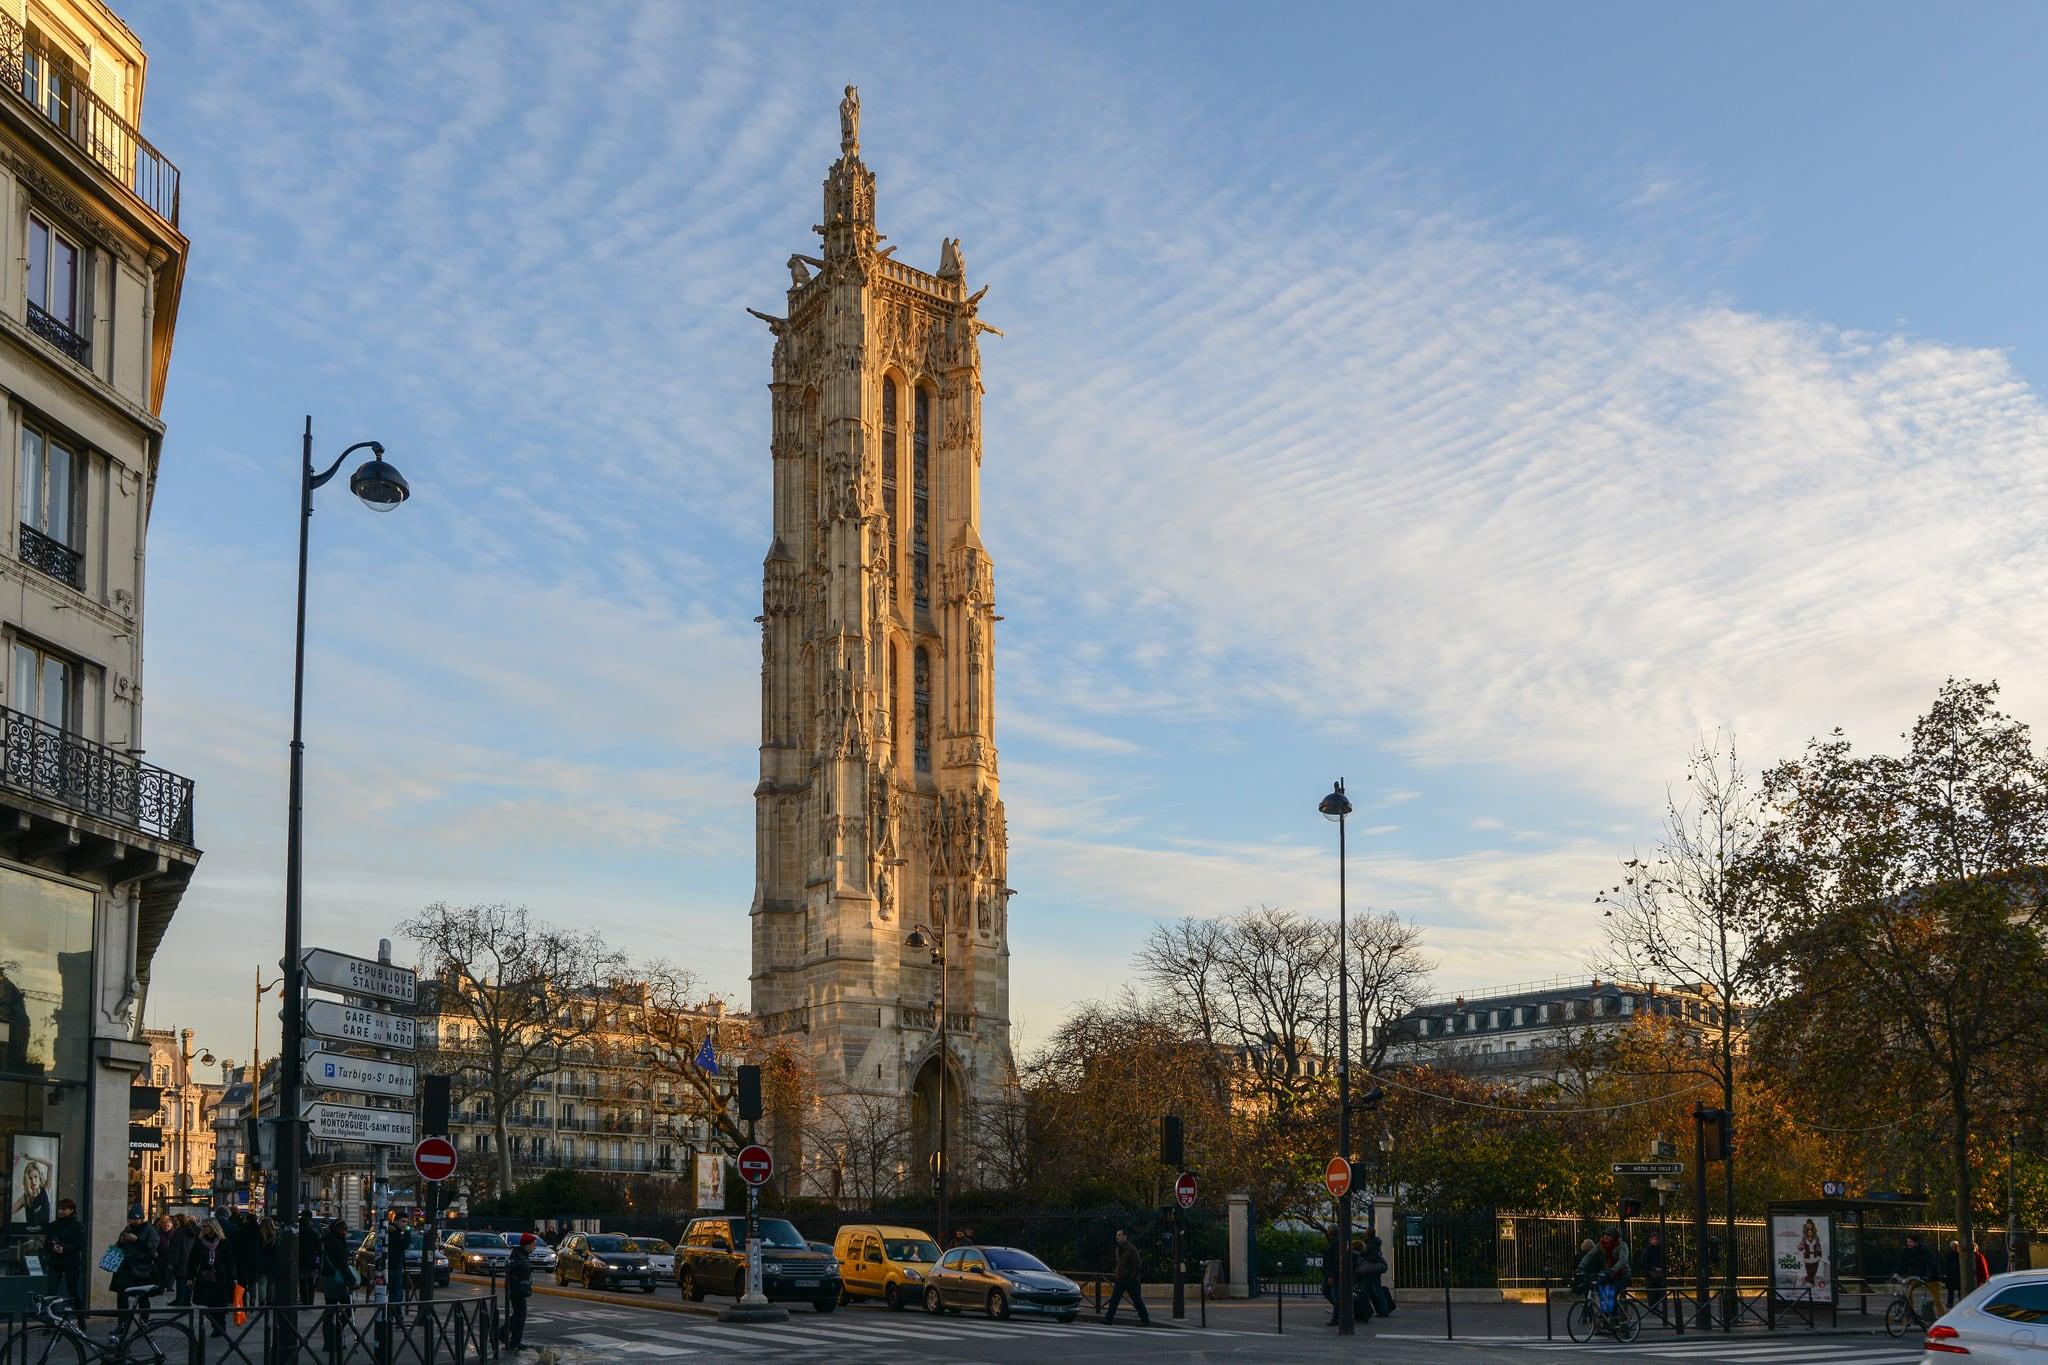 Tour Saint-Jacques 的形象.